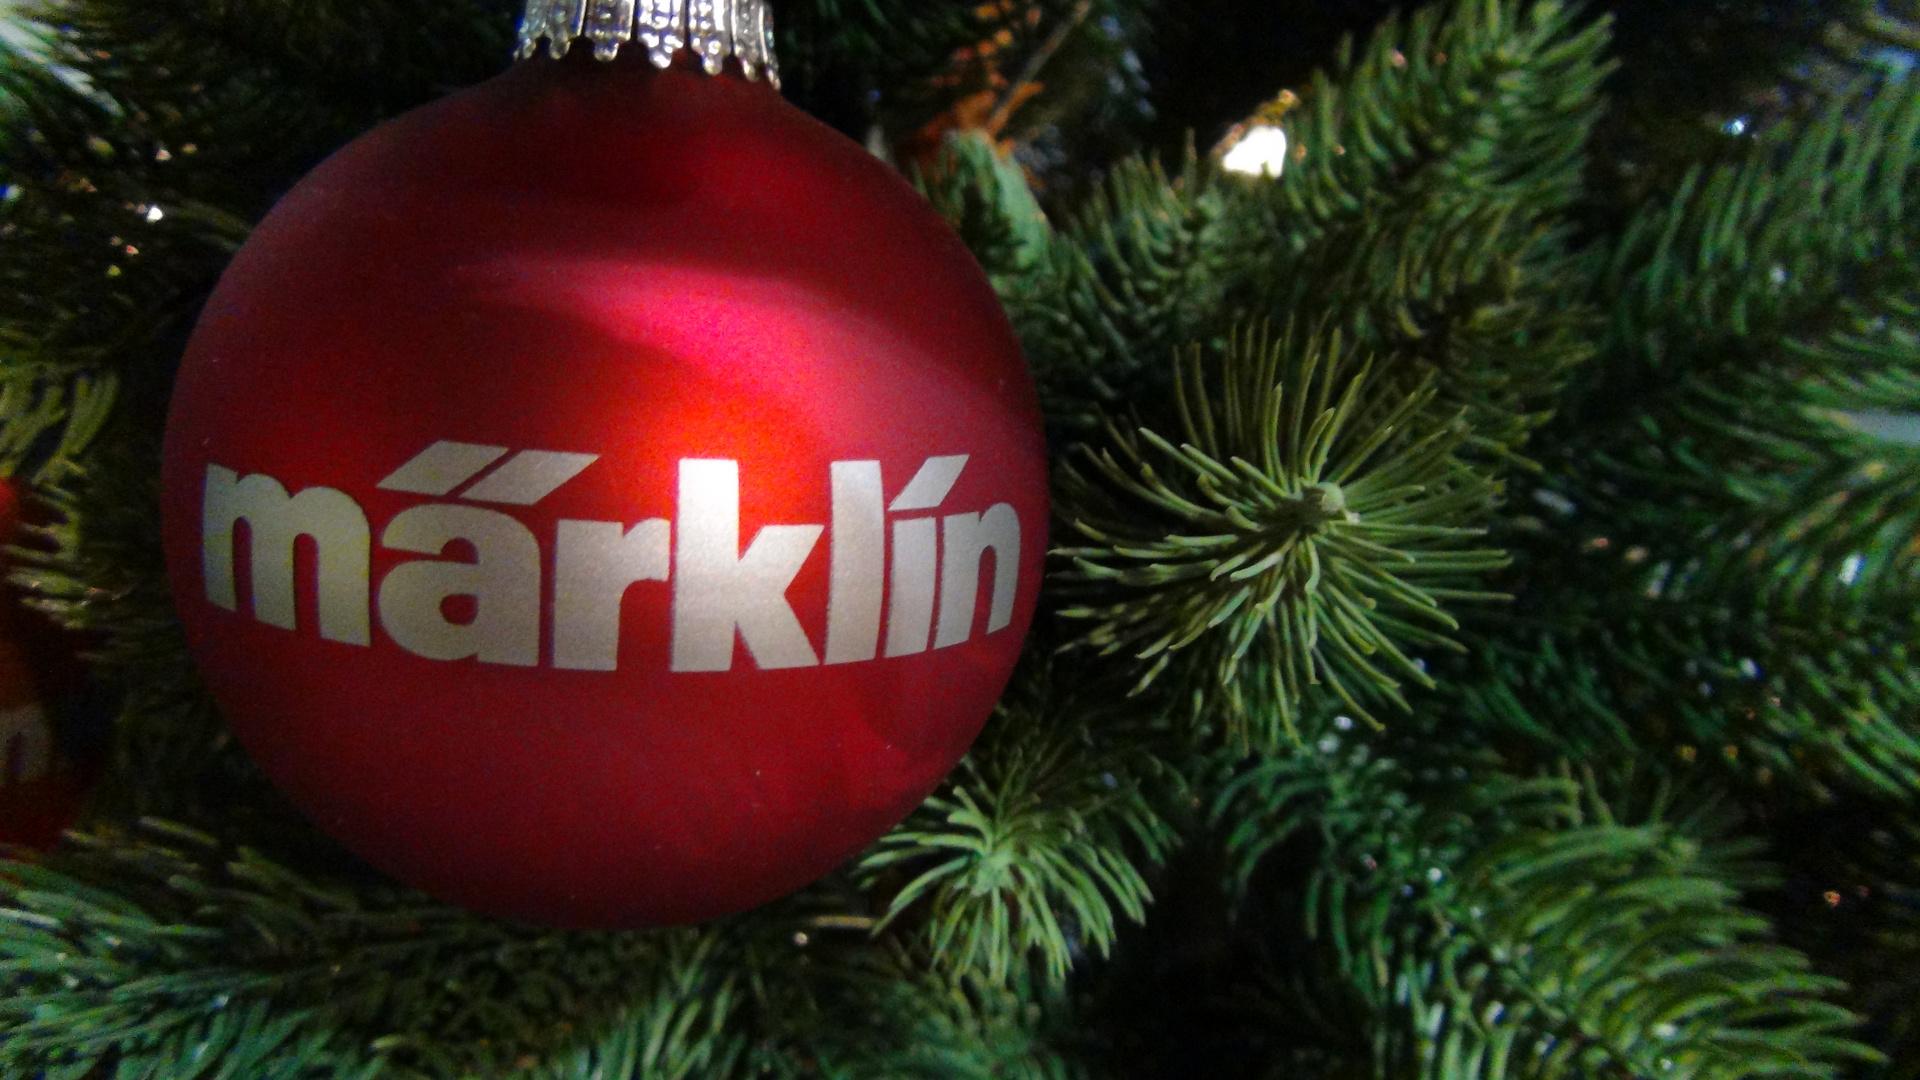 Ein kleiner Weihnachtsgruß aus dem Märklin-Museum